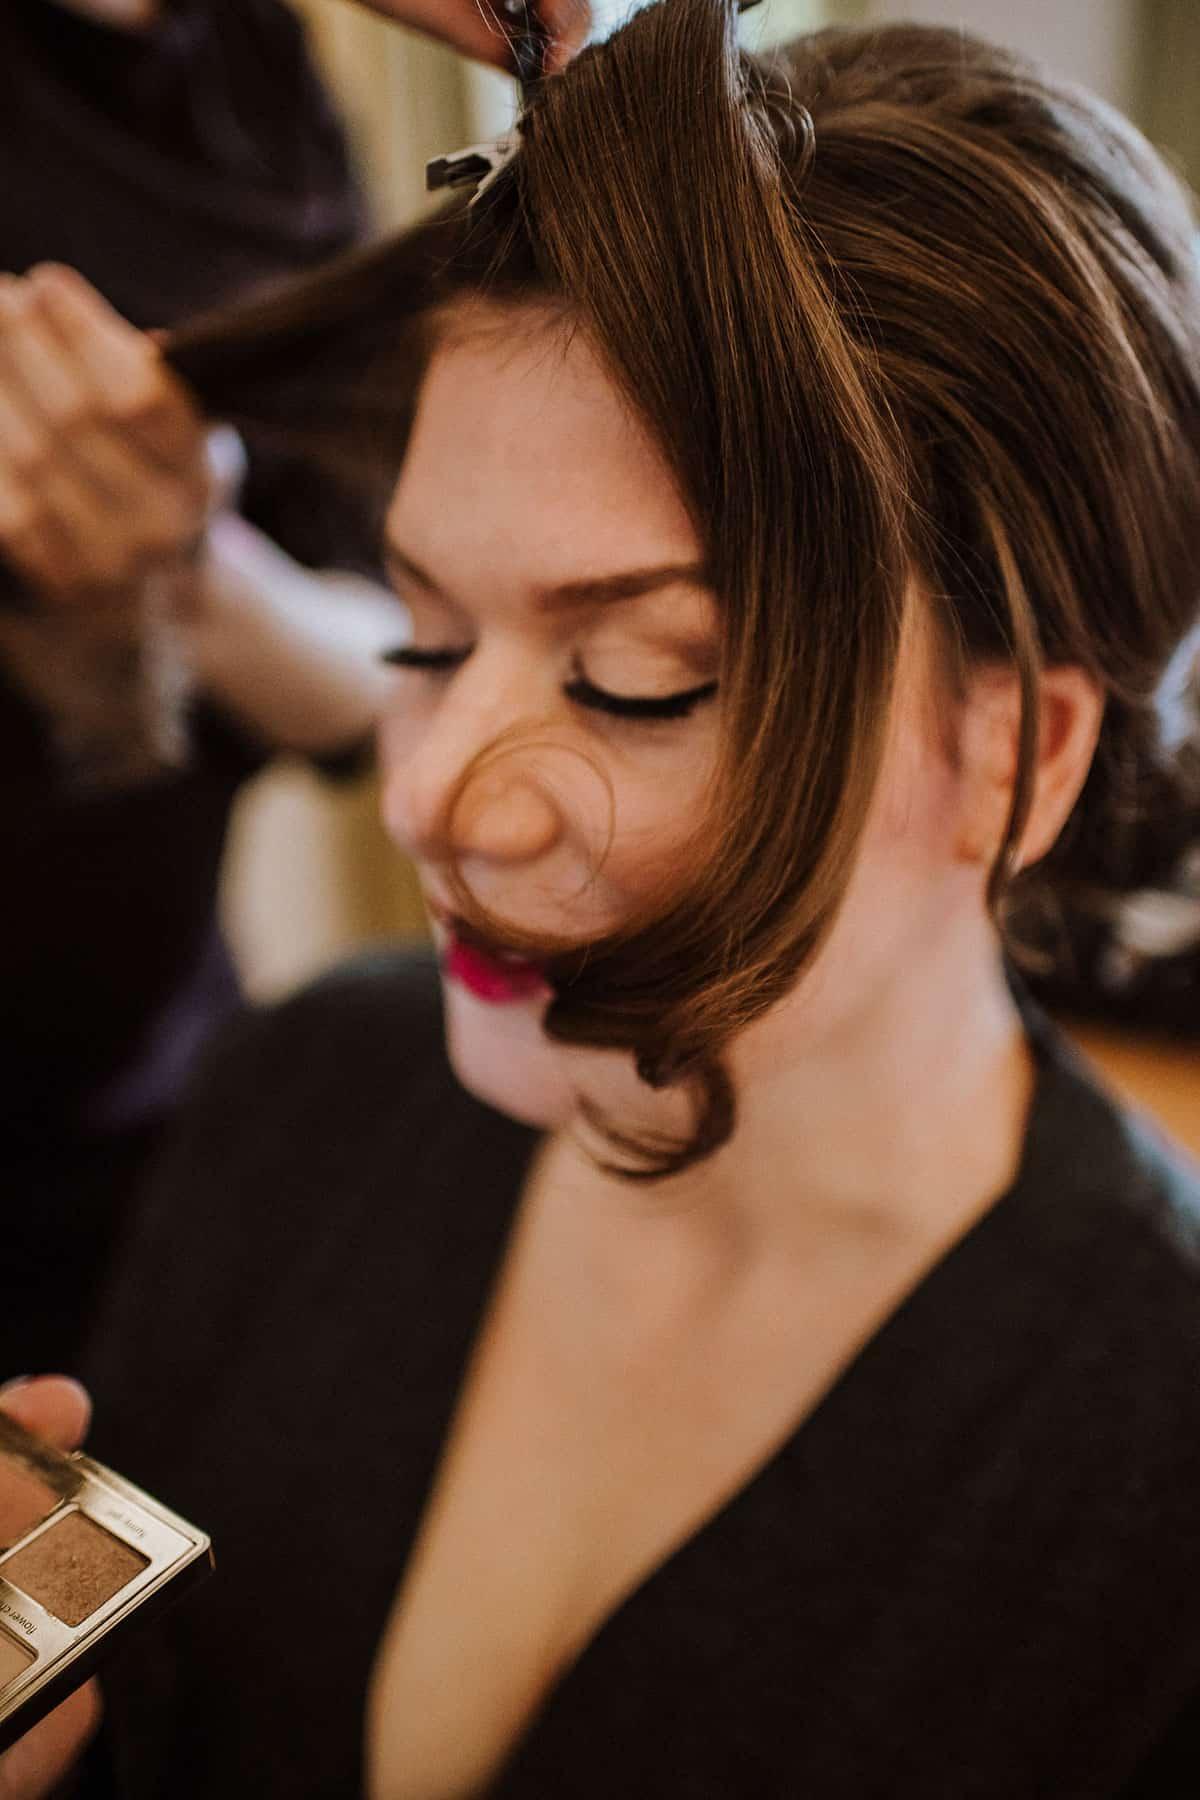 Braut werden Wellen in ihr haselnussbraunes Haar gemacht